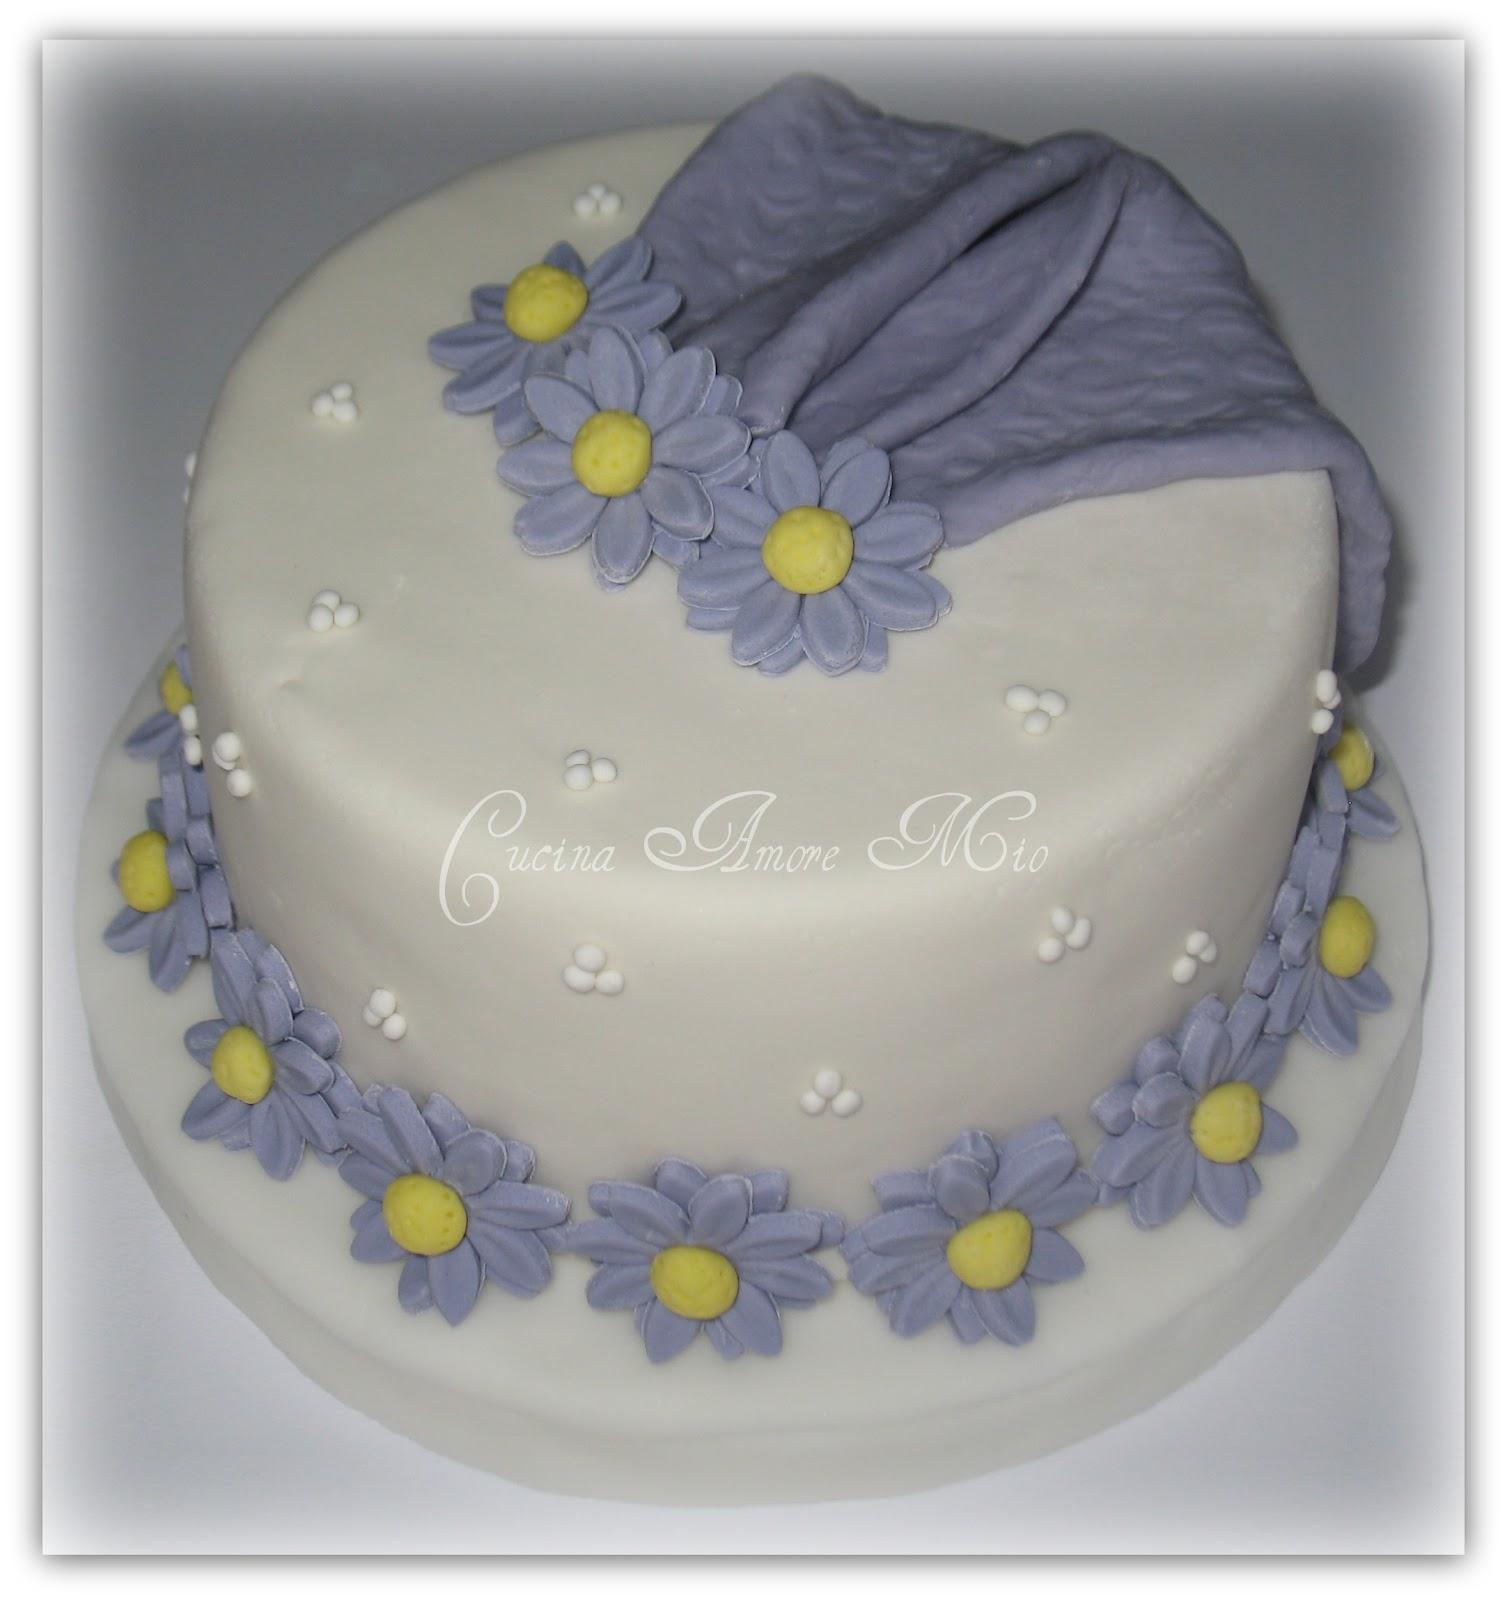 lara costantini cake designer i miei primi corsi base di On decorazione torte firenze